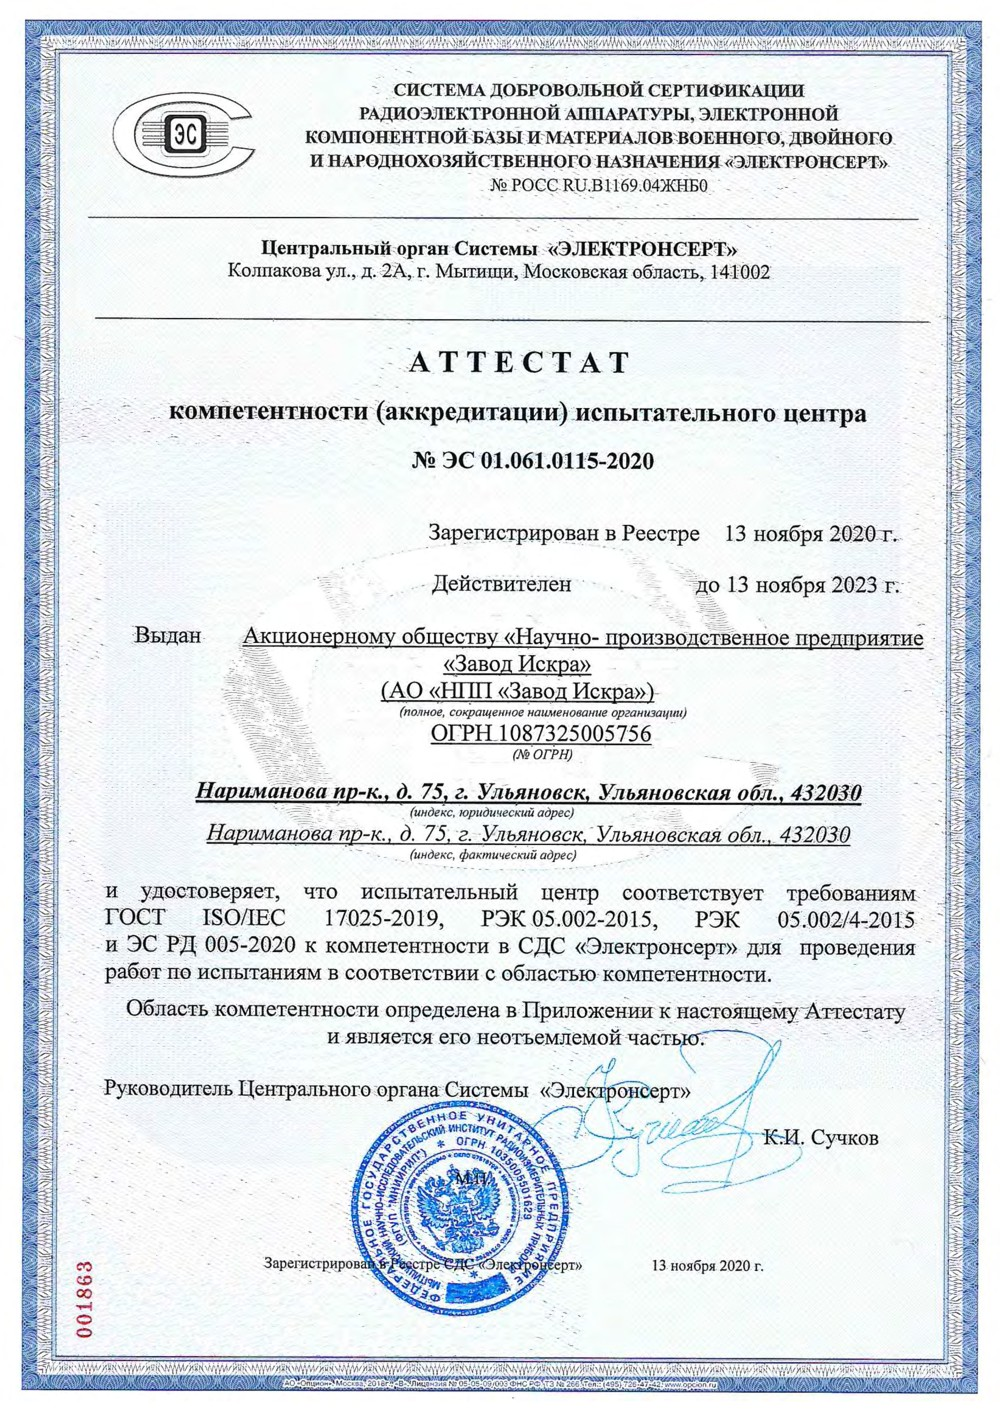 Аттестат компетенстности (аккредитации) испытательного центра № ЭС 01.061.0115-2020